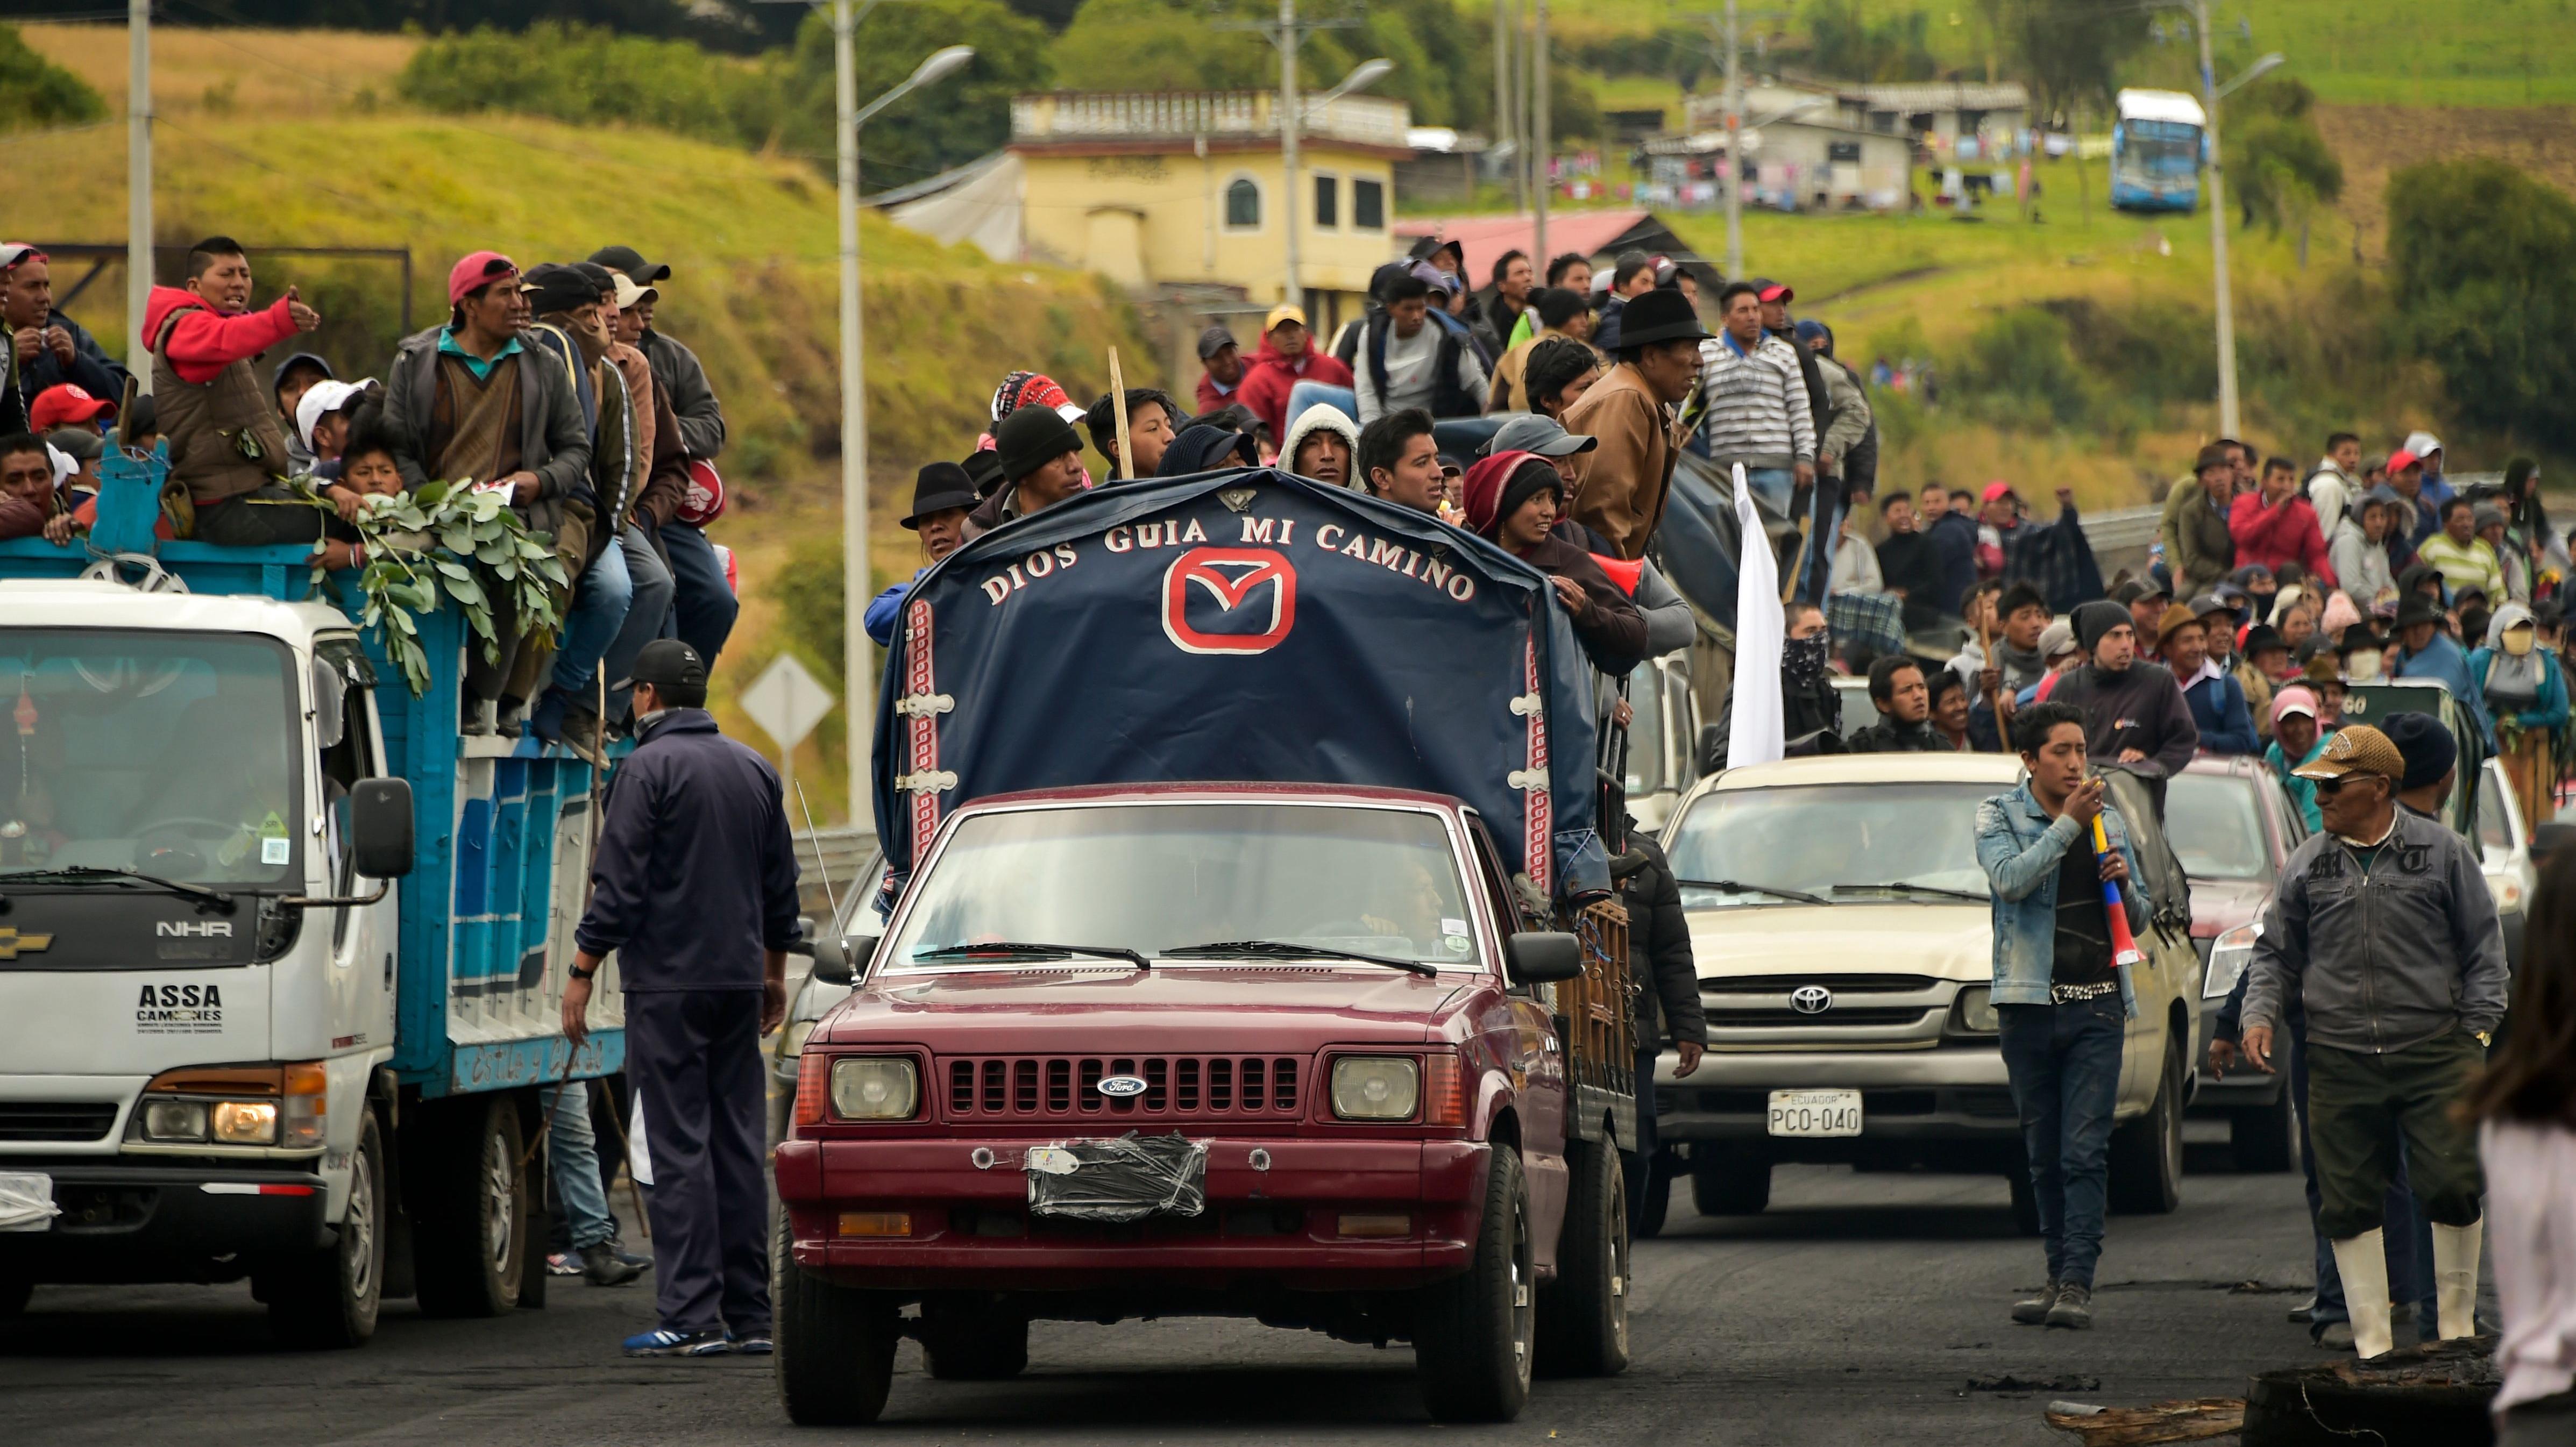 Indígenas y campesinos marchan rumbo a Quito para protestar por alza de combustibles